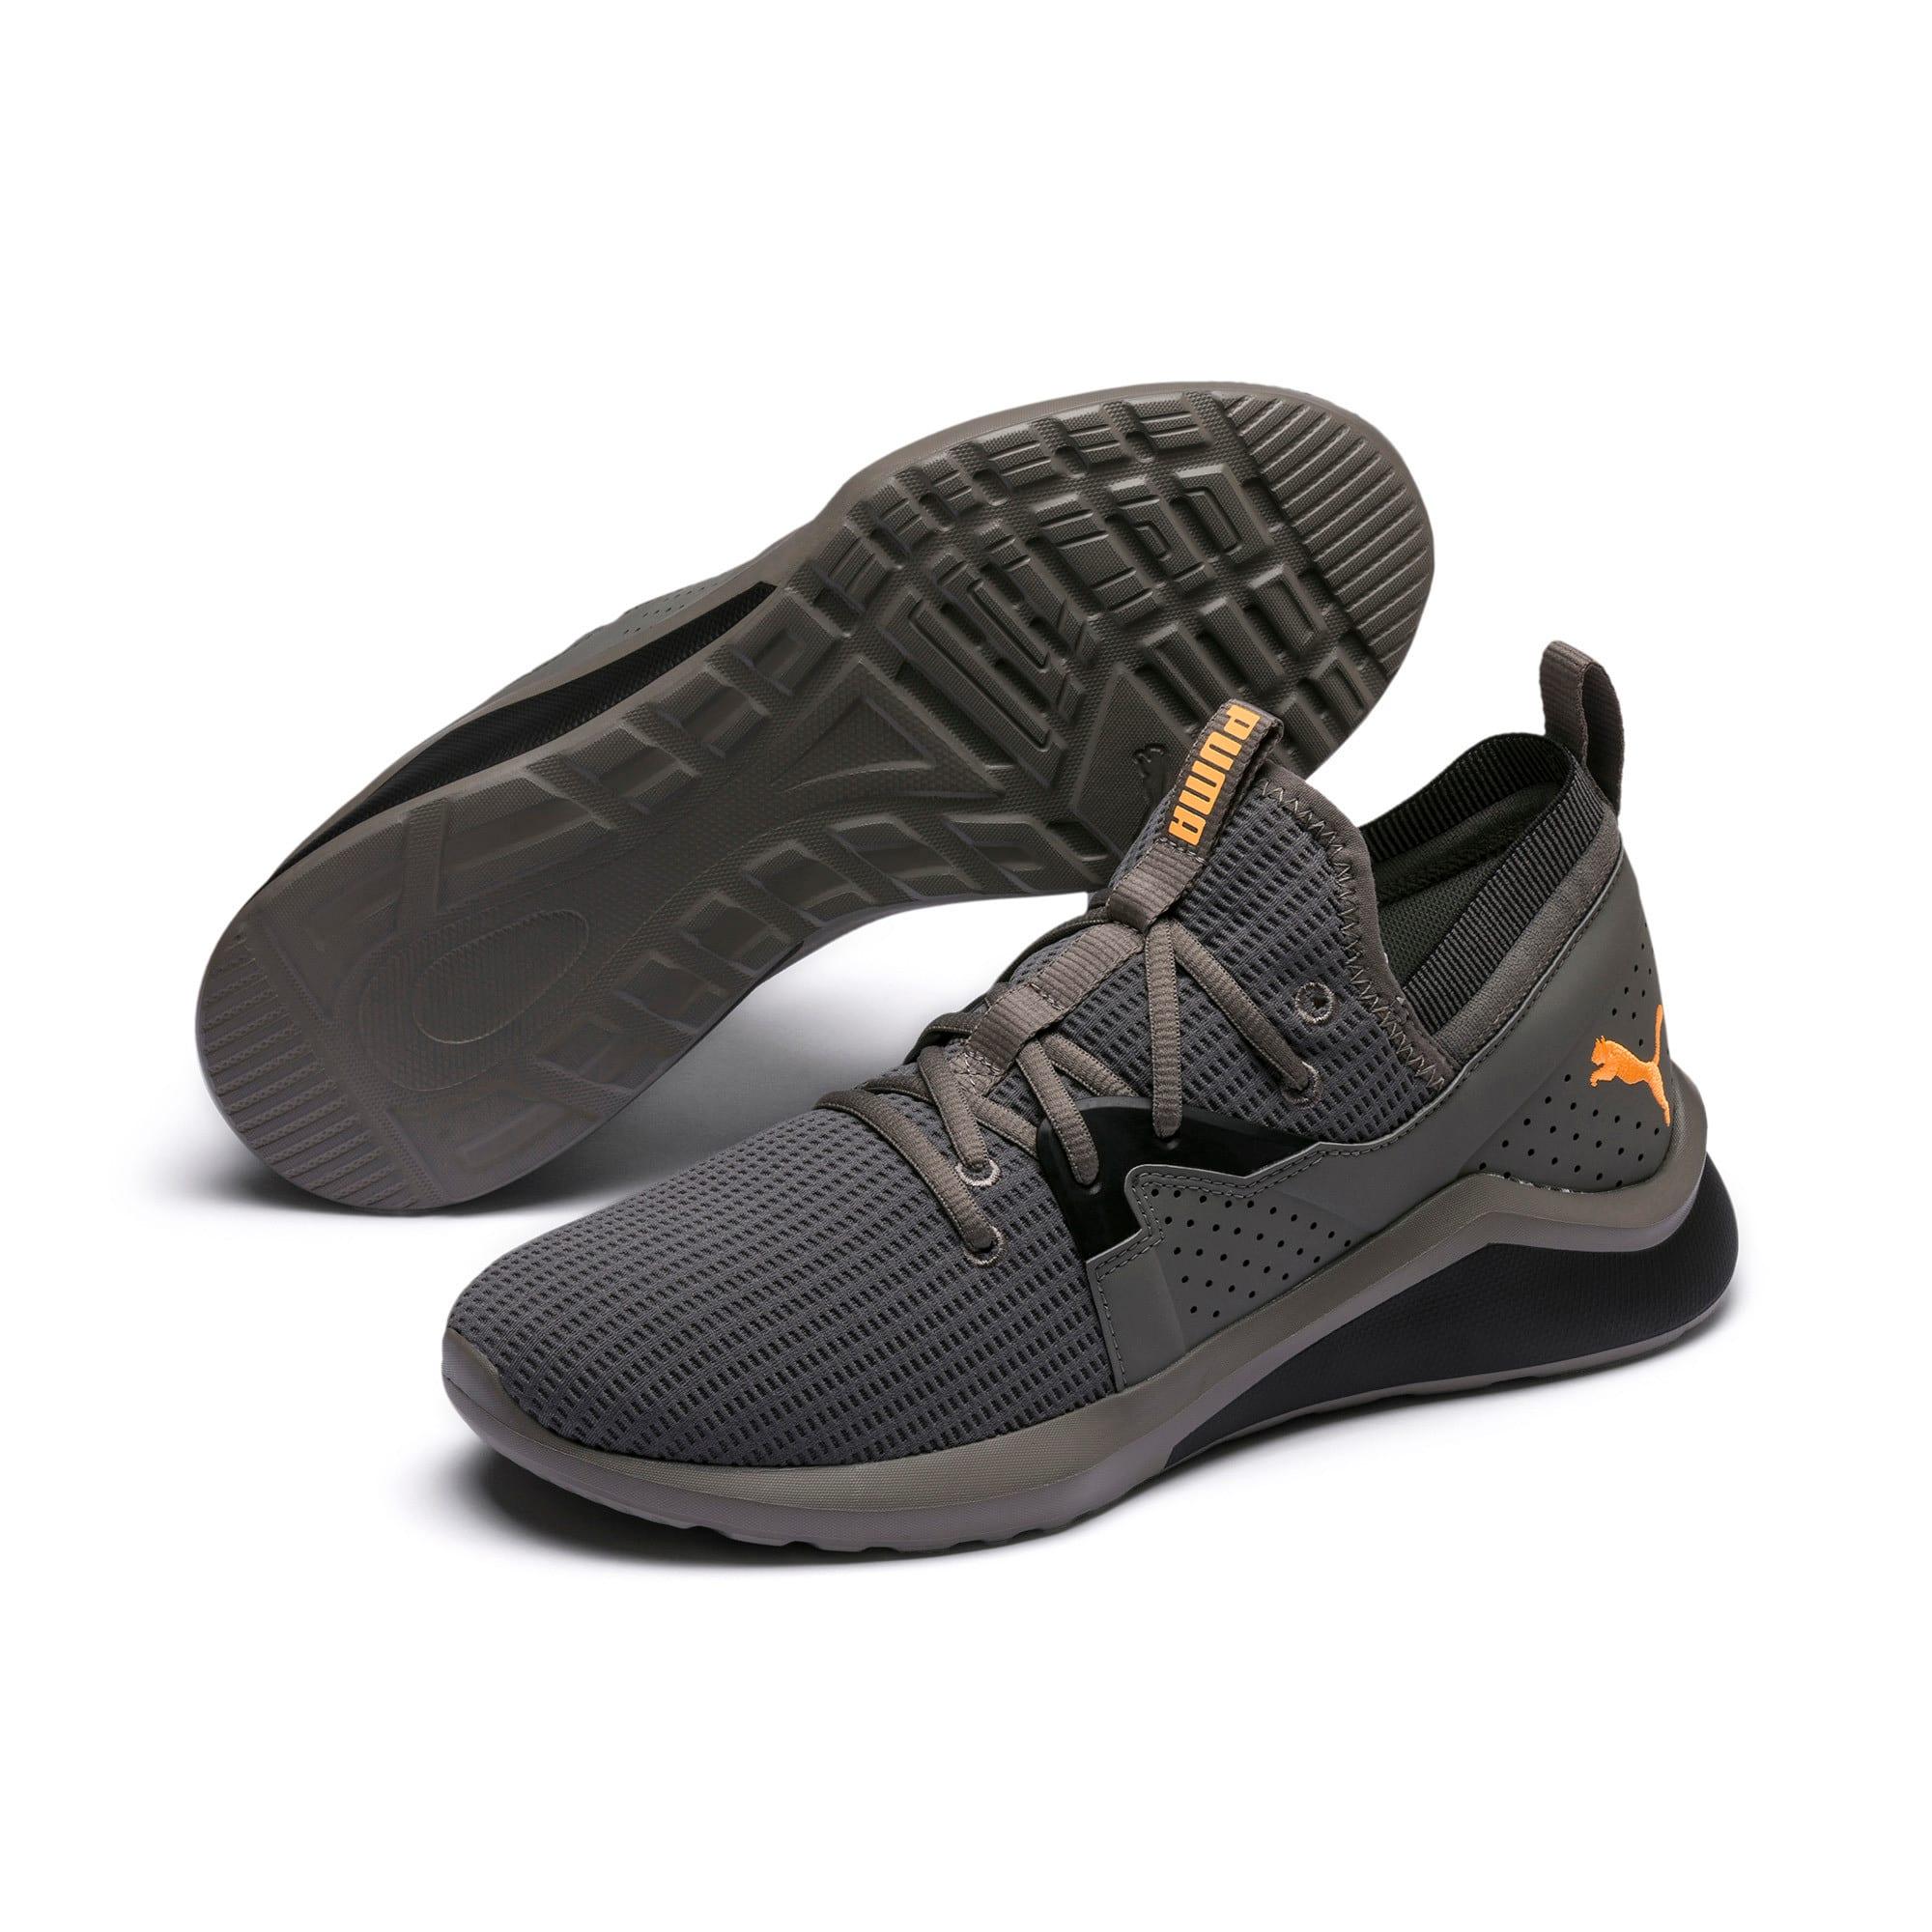 Miniatura 2 de Zapatos de entrenamiento Emergence Future para hombre, Charcoal Gray-Black-Orange, mediano